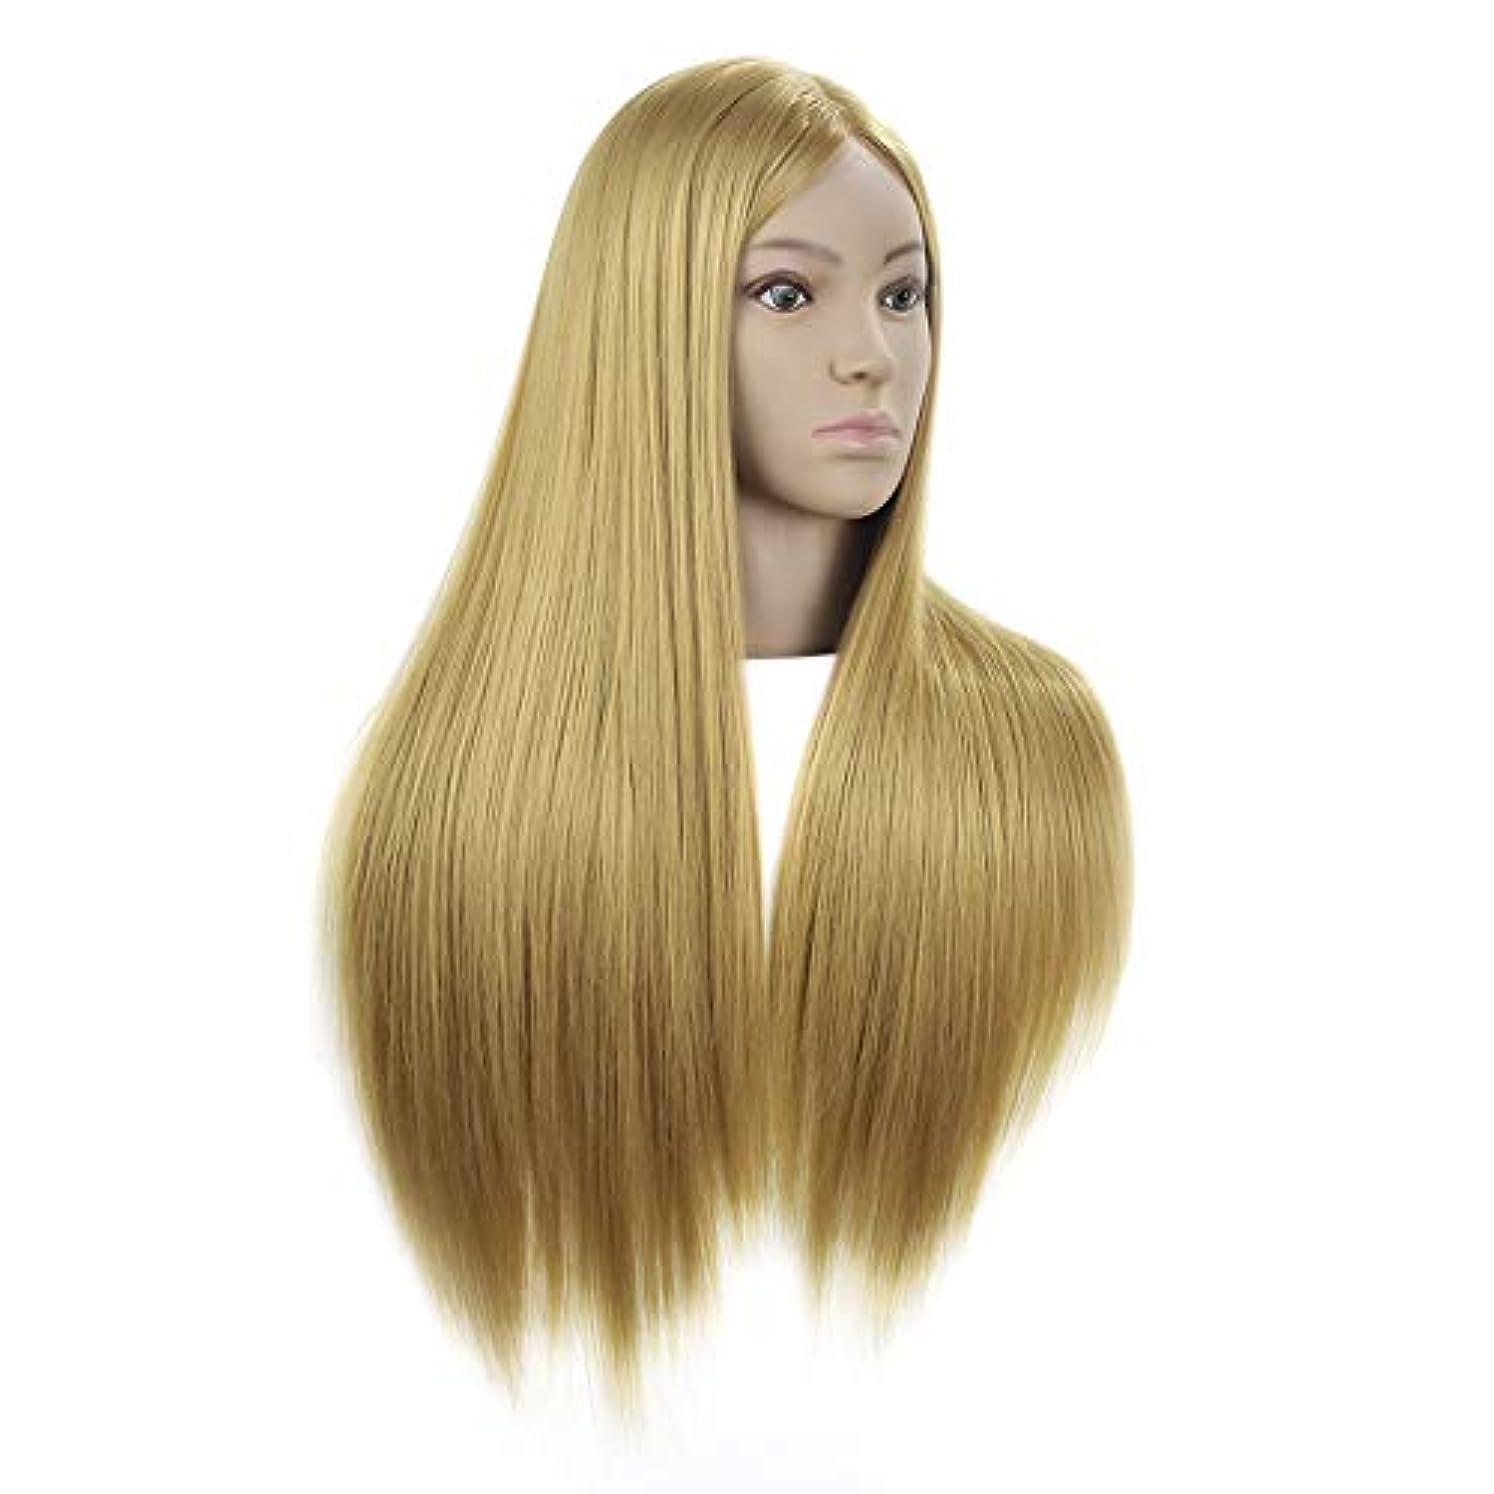 シニス割り当てるバクテリアリアルヘアスタイリングマネキンヘッド女性ヘッドモデル教育ヘッド理髪店編組ヘア染色学習ダミーヘッド